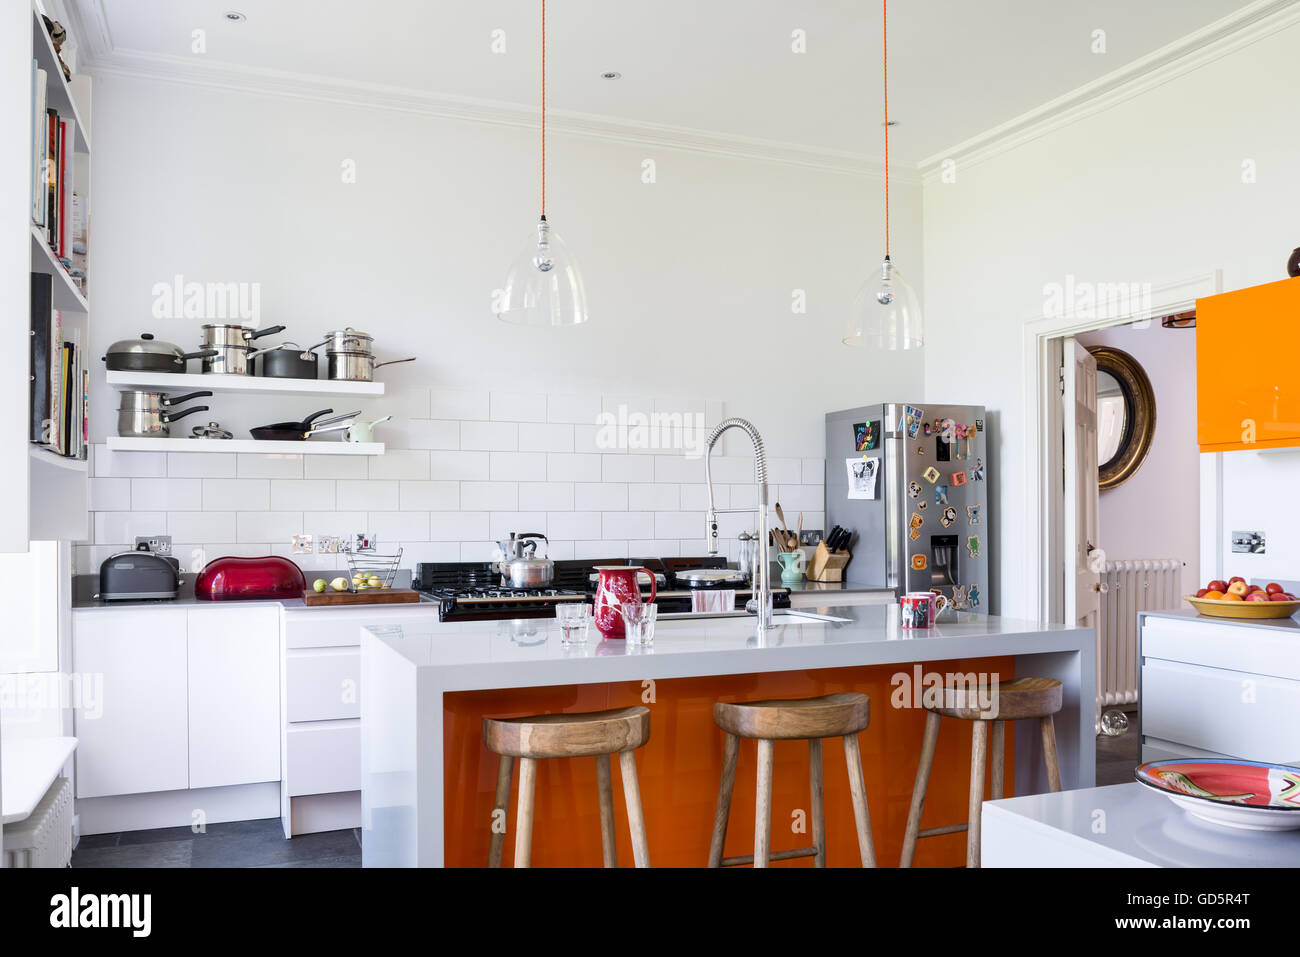 Bar in legno sgabelli in soffitto alto cucina con metro bianco piastrelle. Il vetro chiaro le luci a plafoniera Immagini Stock